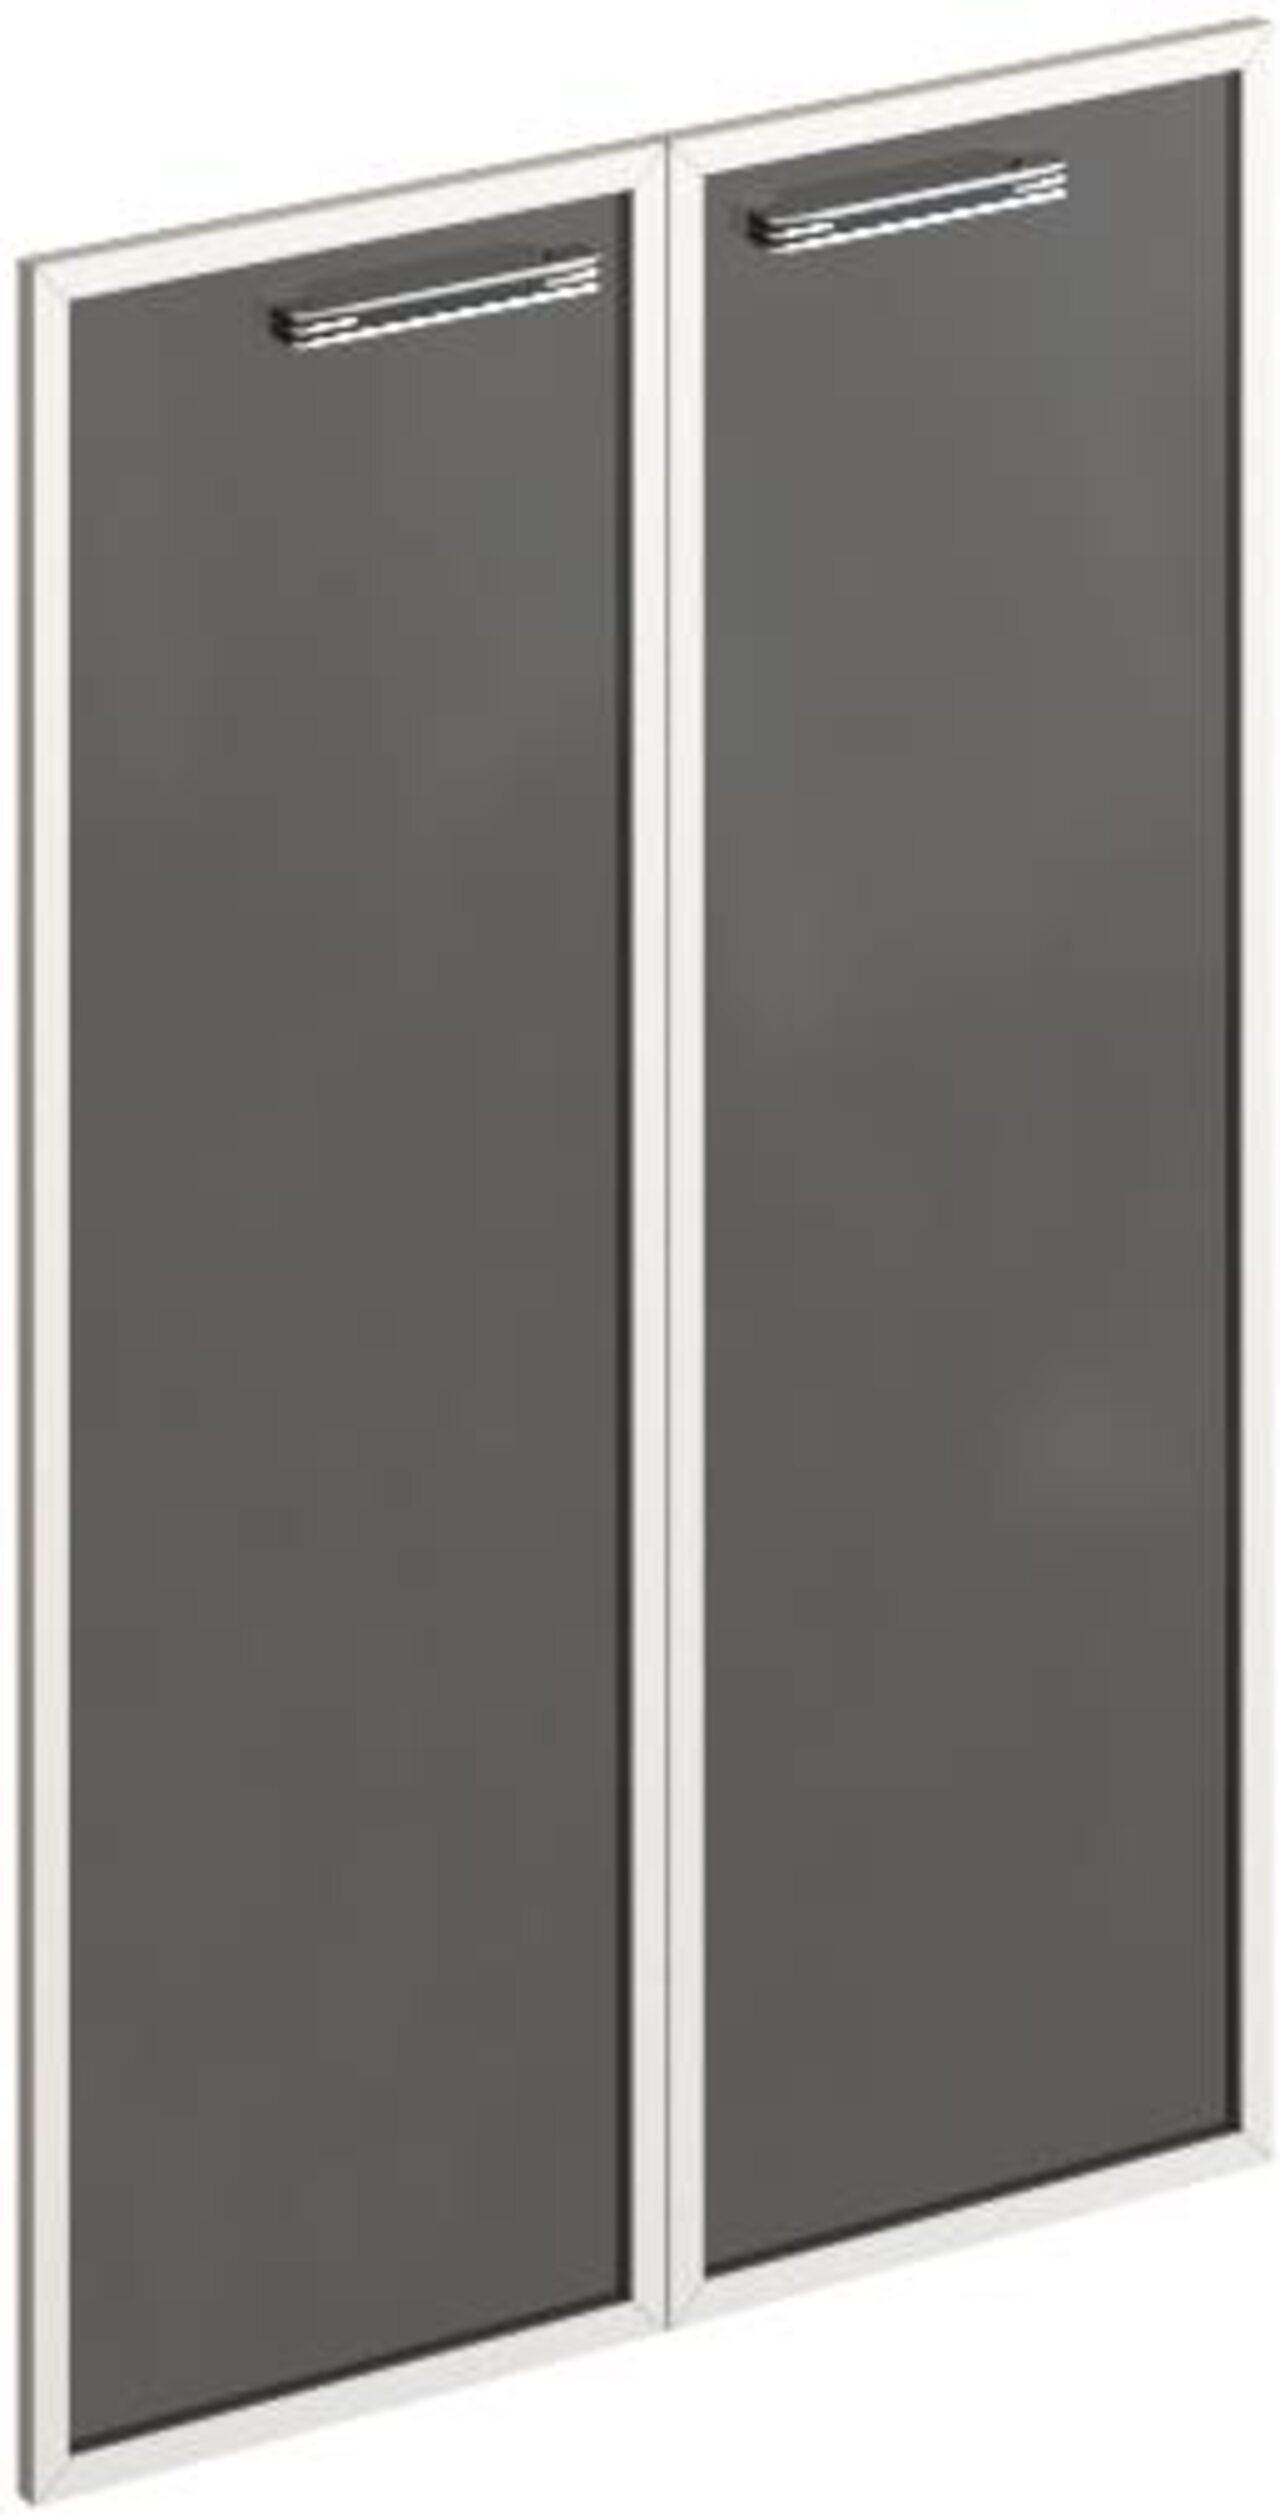 Комплект средних стеклянных дверей  Дельта 73x2x115 - фото 1